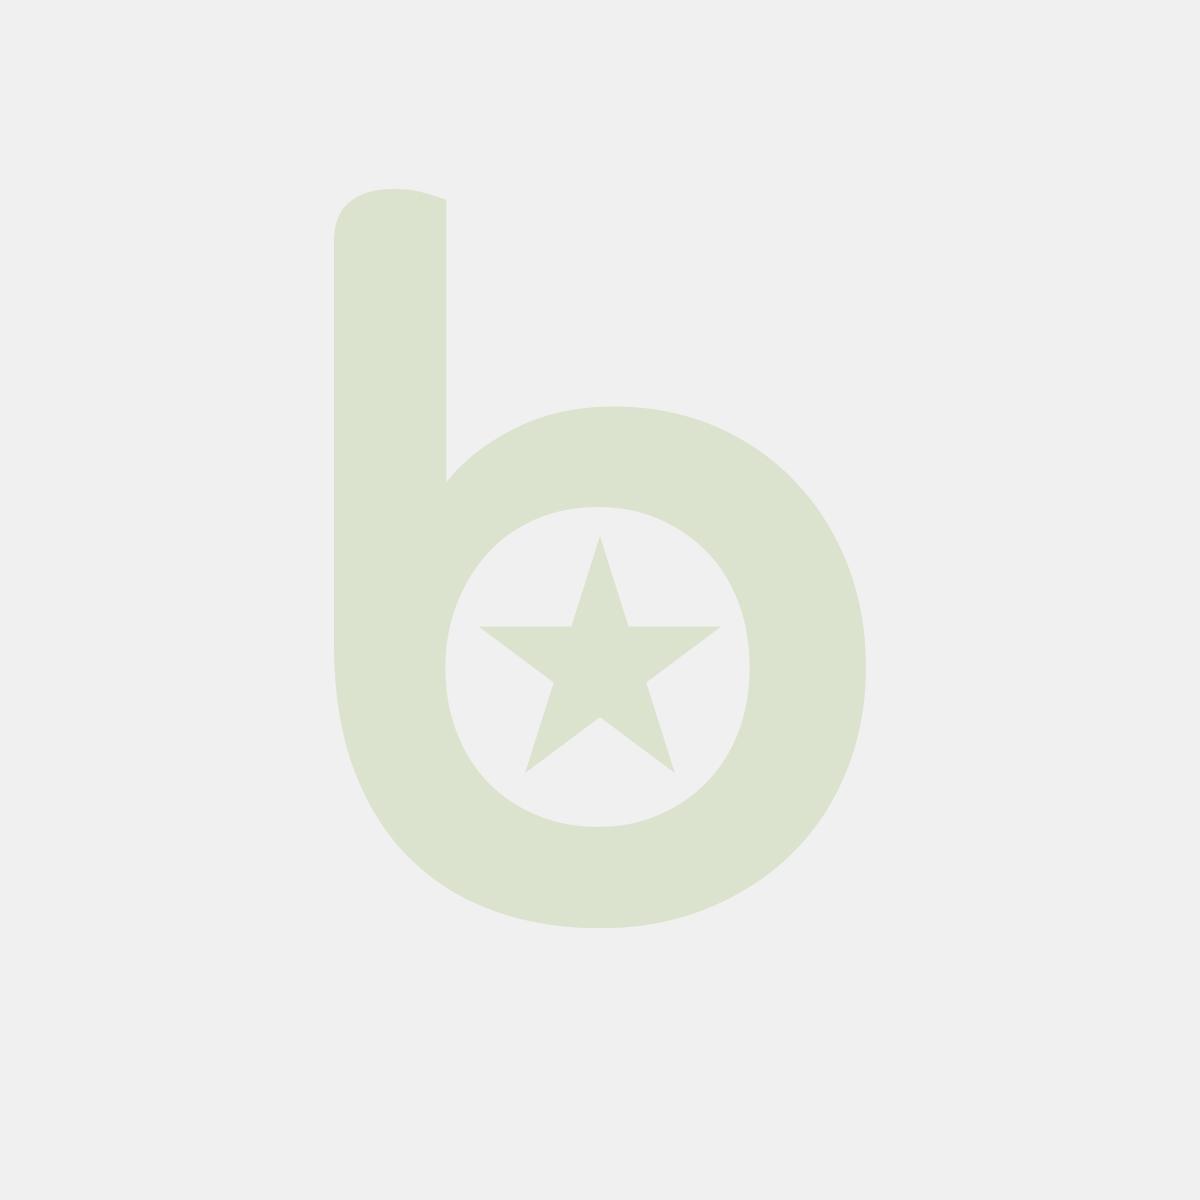 Żeliwne mini naczynie owalne 24,1x17,2x4,6cm